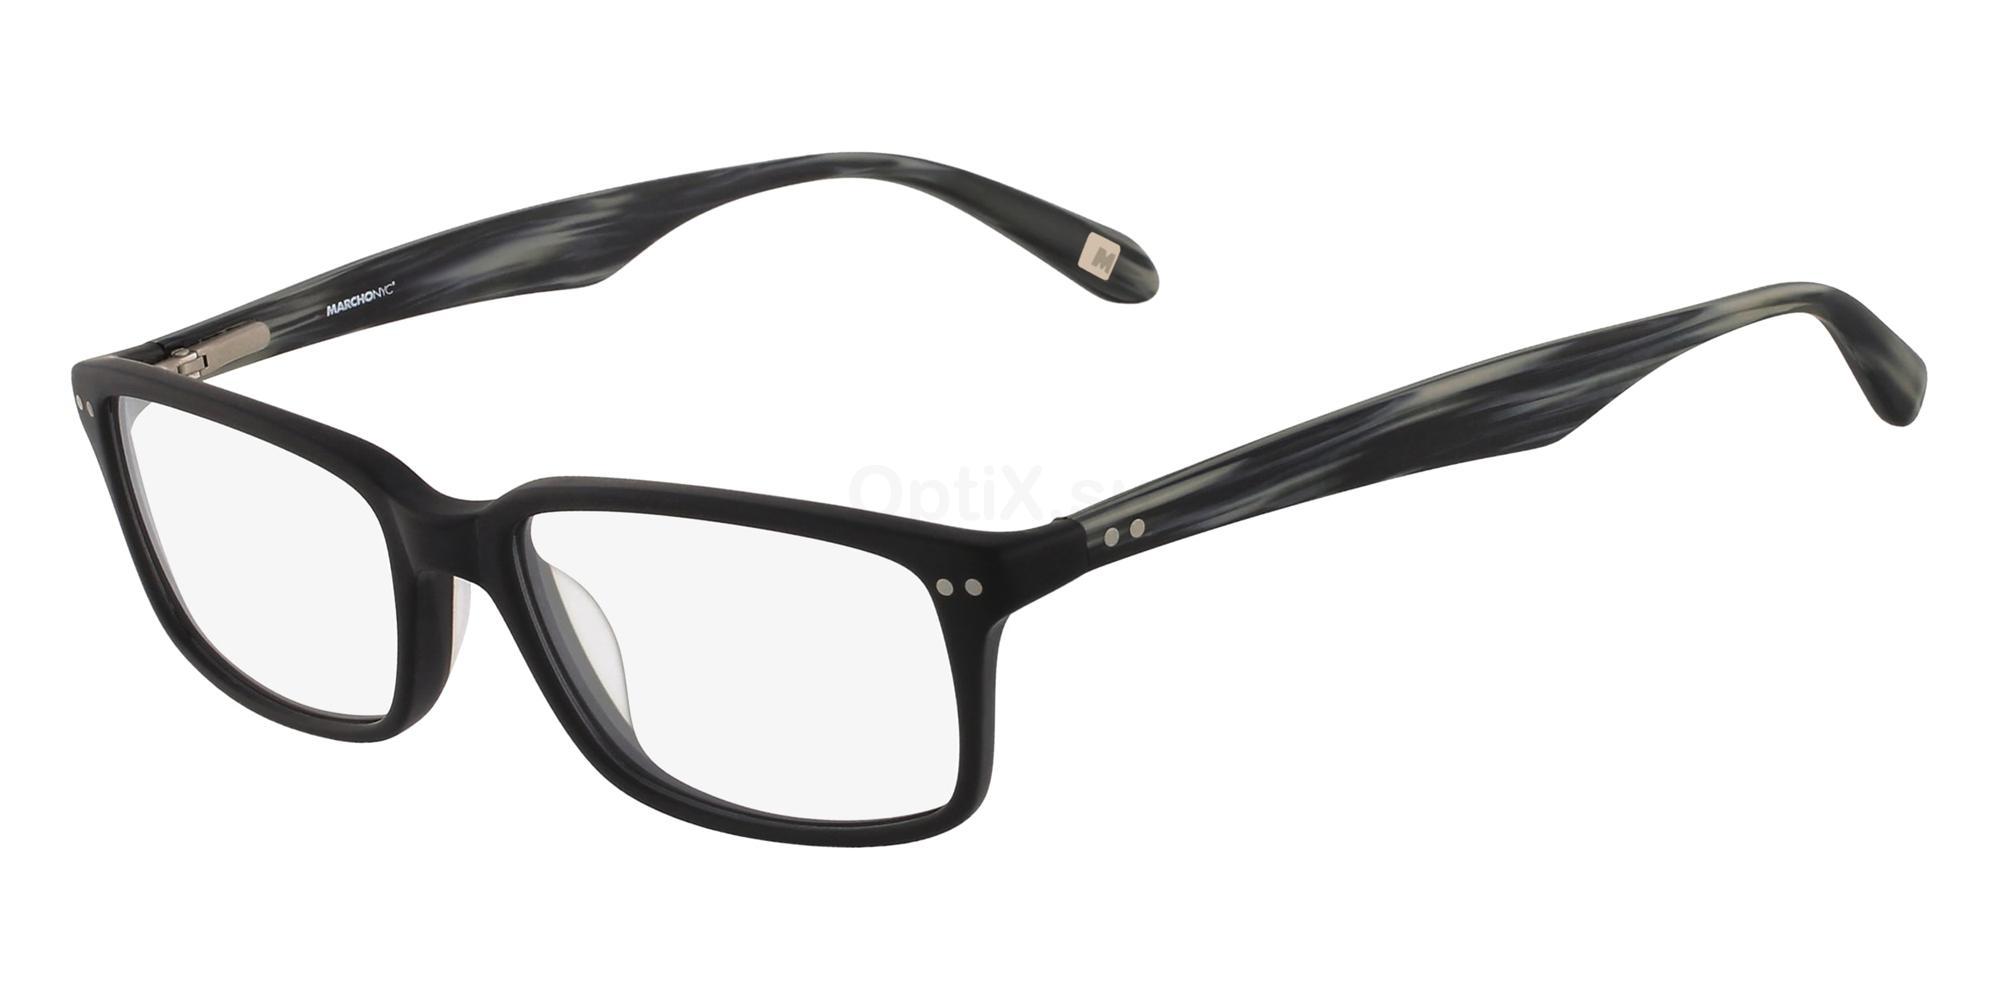 001 M-CARLTON Glasses, Marchon